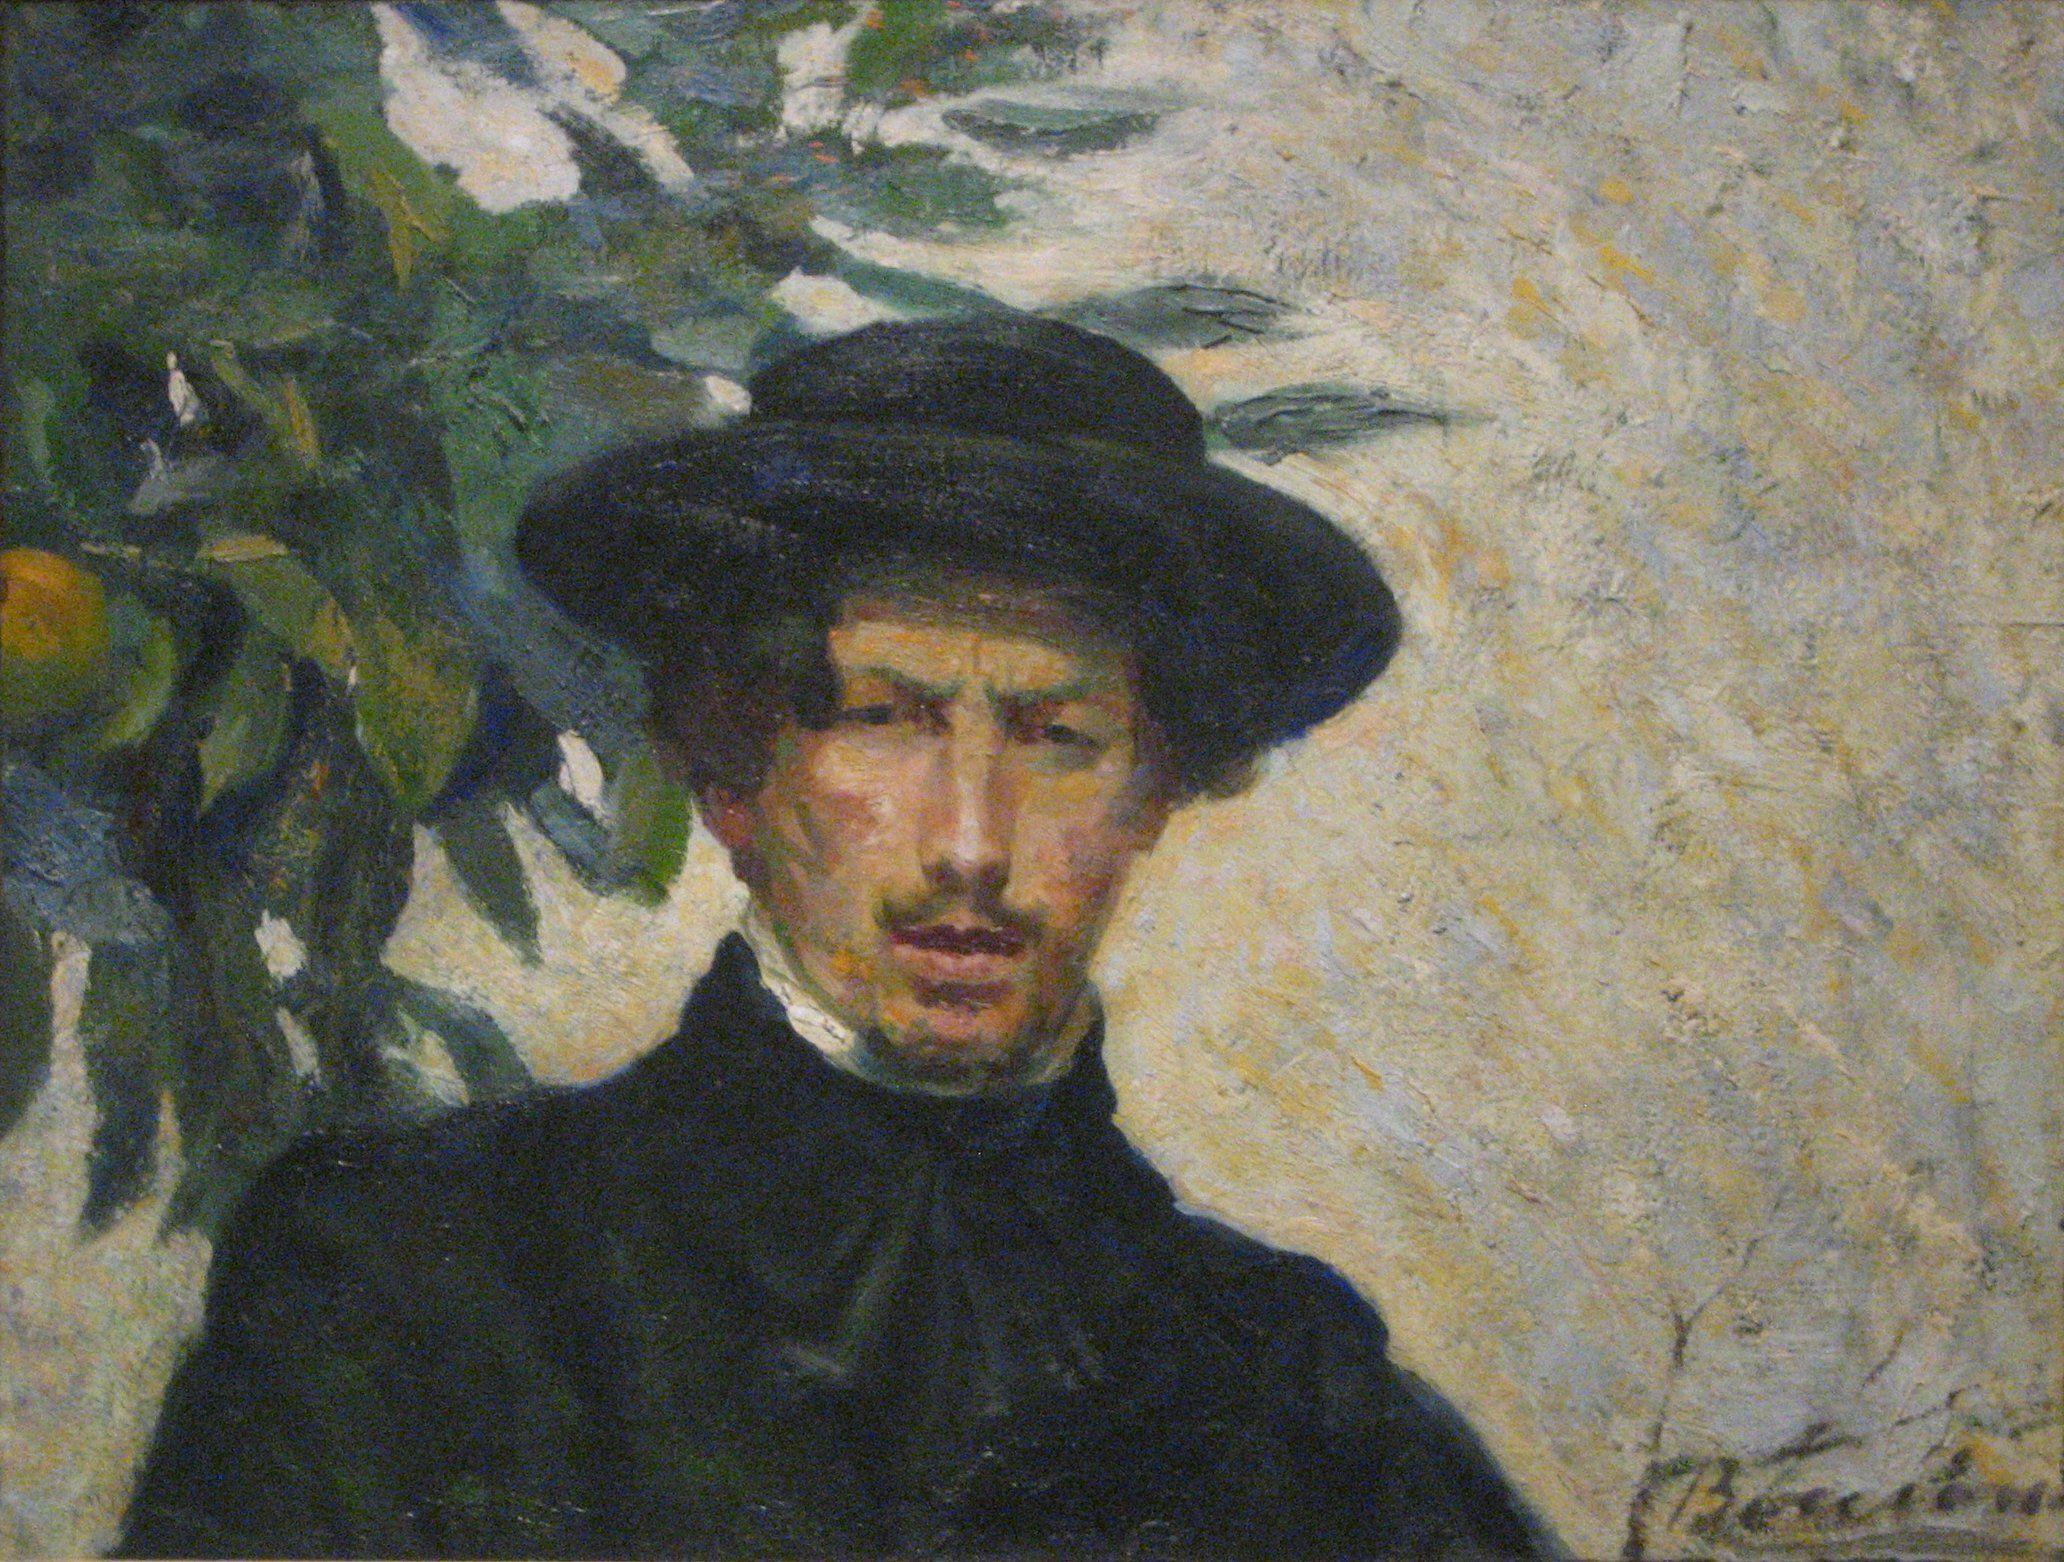 (Reggio de Calabria, Italia, 1882-Verona, id., 1916) Pintor y escultor italiano. Figura clave del movimiento futurista italiano, fue también uno de sus más destacados teóricos.